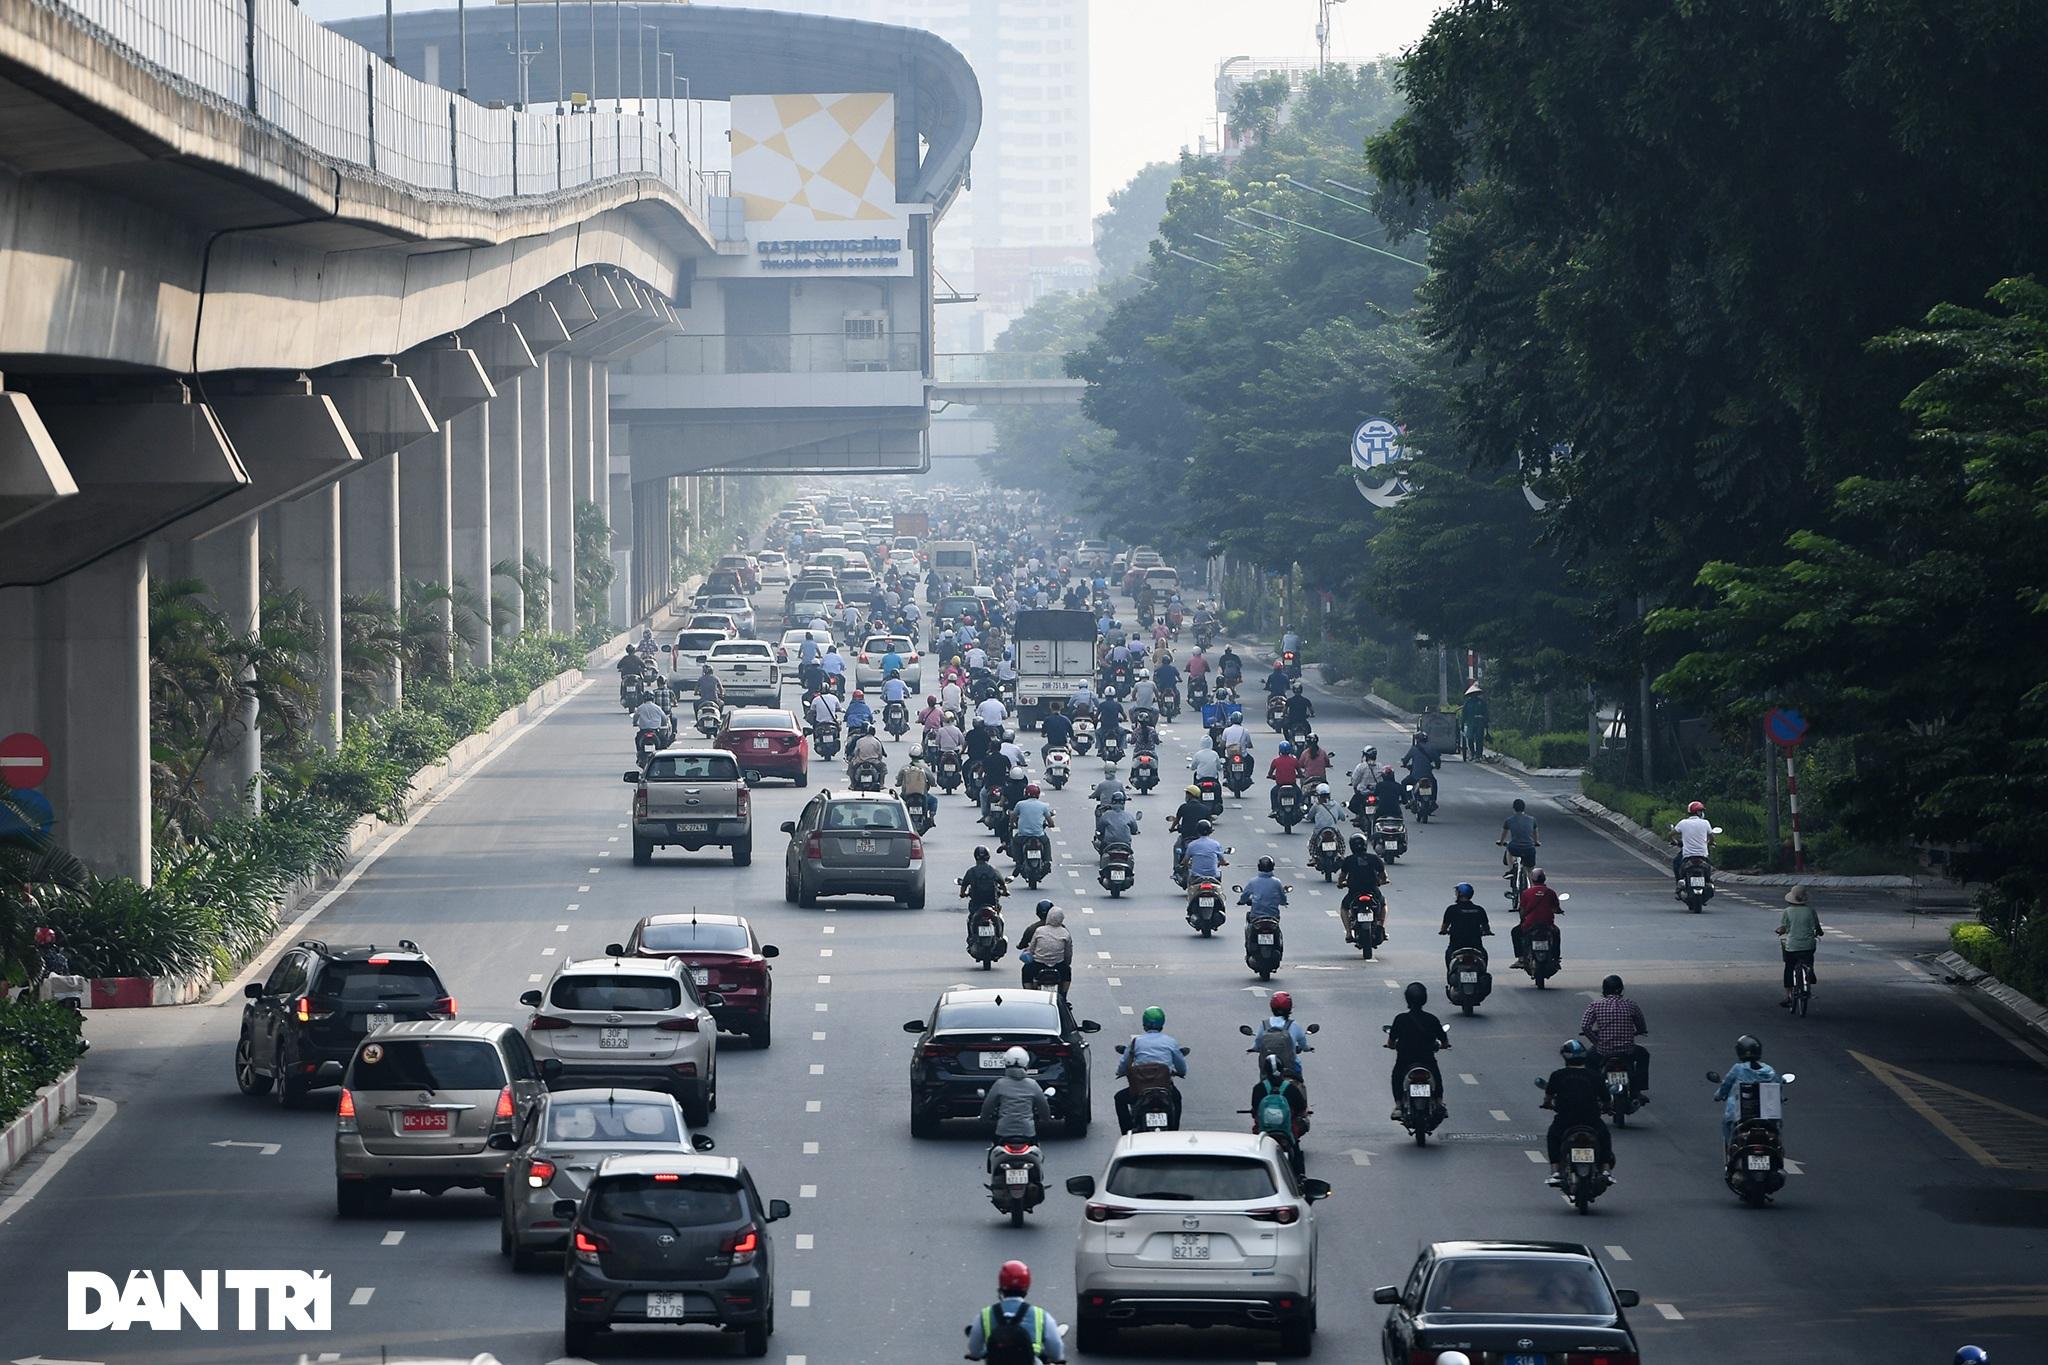 Đường phố tấp nập xe cộ sau khi TP Hà Nội bỏ quy định giấy đi đường - 11